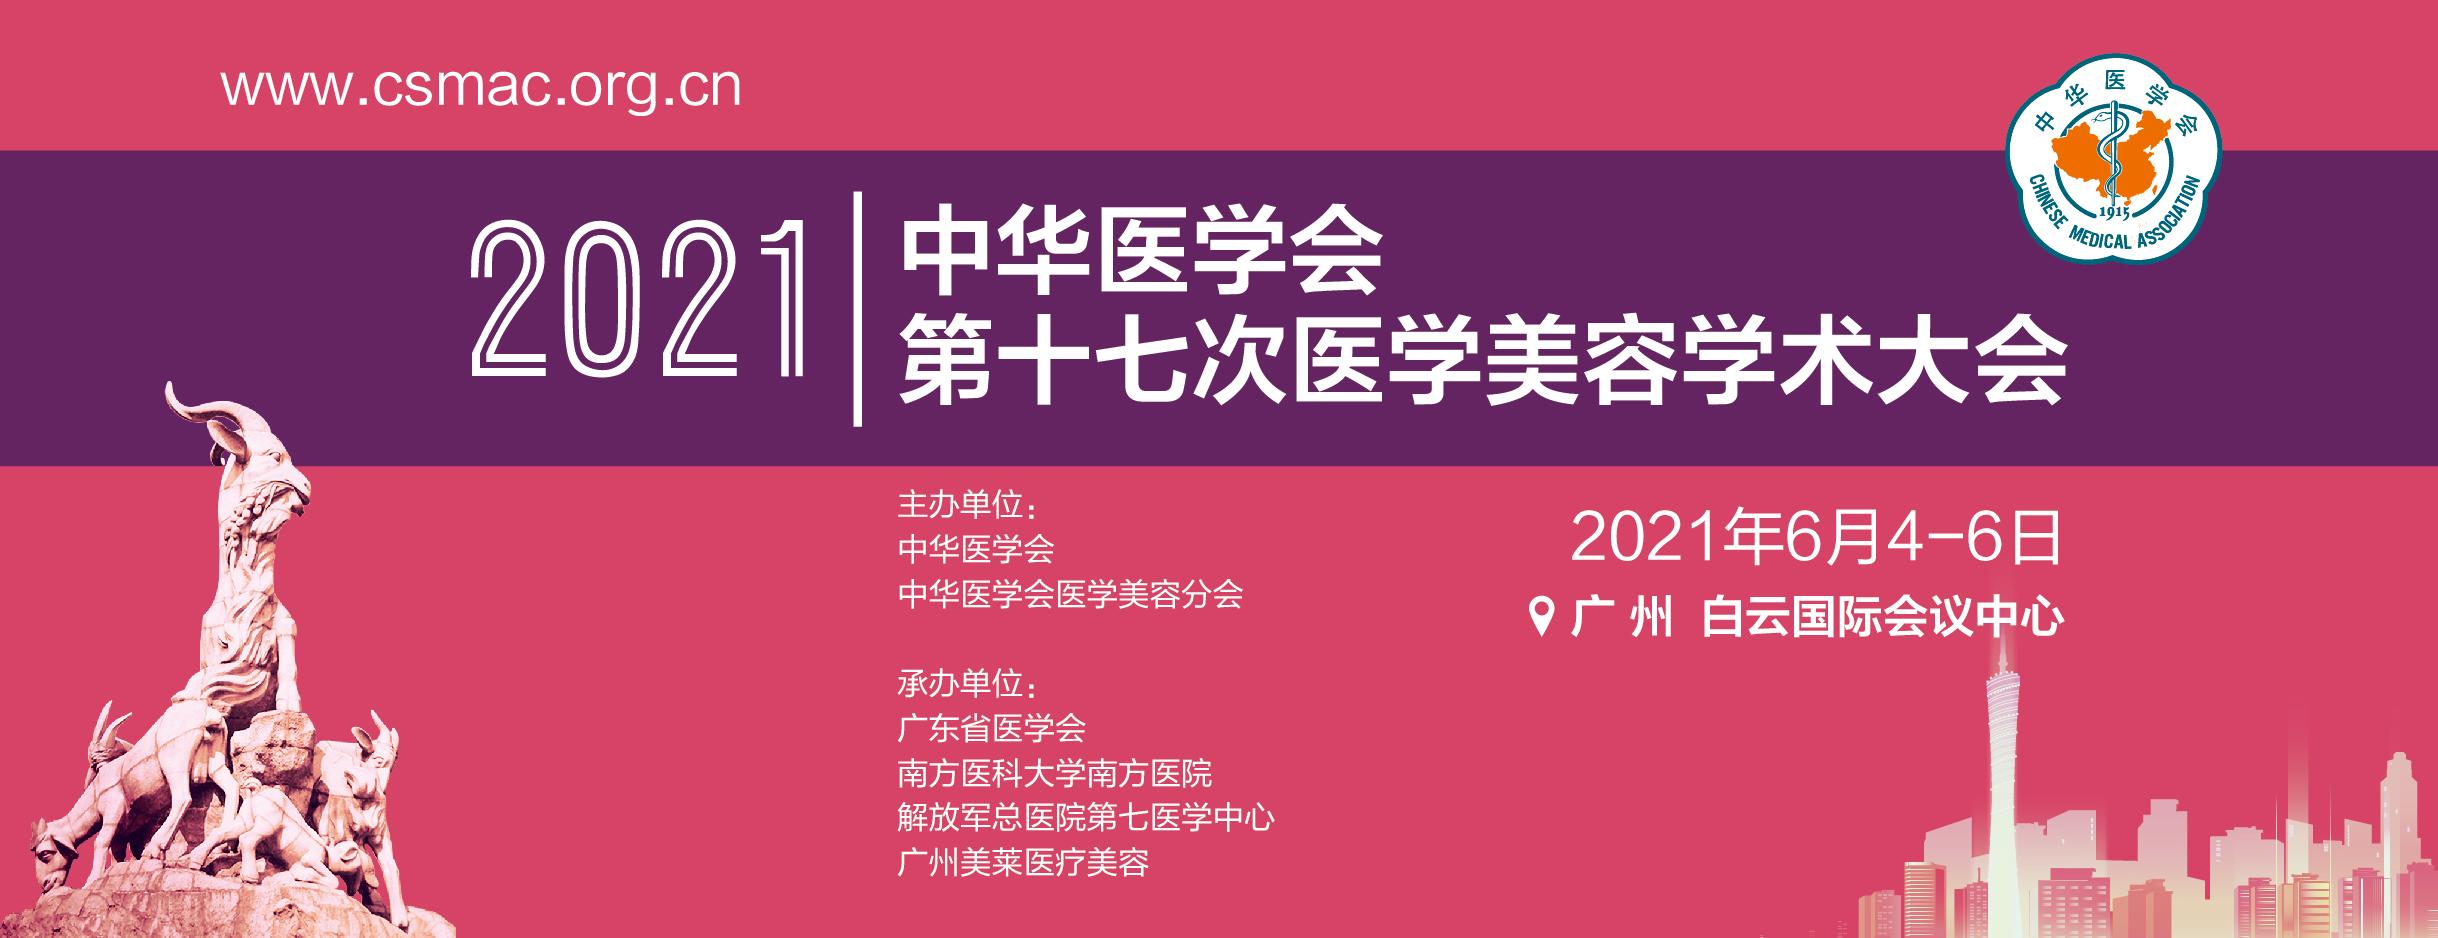 2021年中华医学会第十七次医学美容学术大会